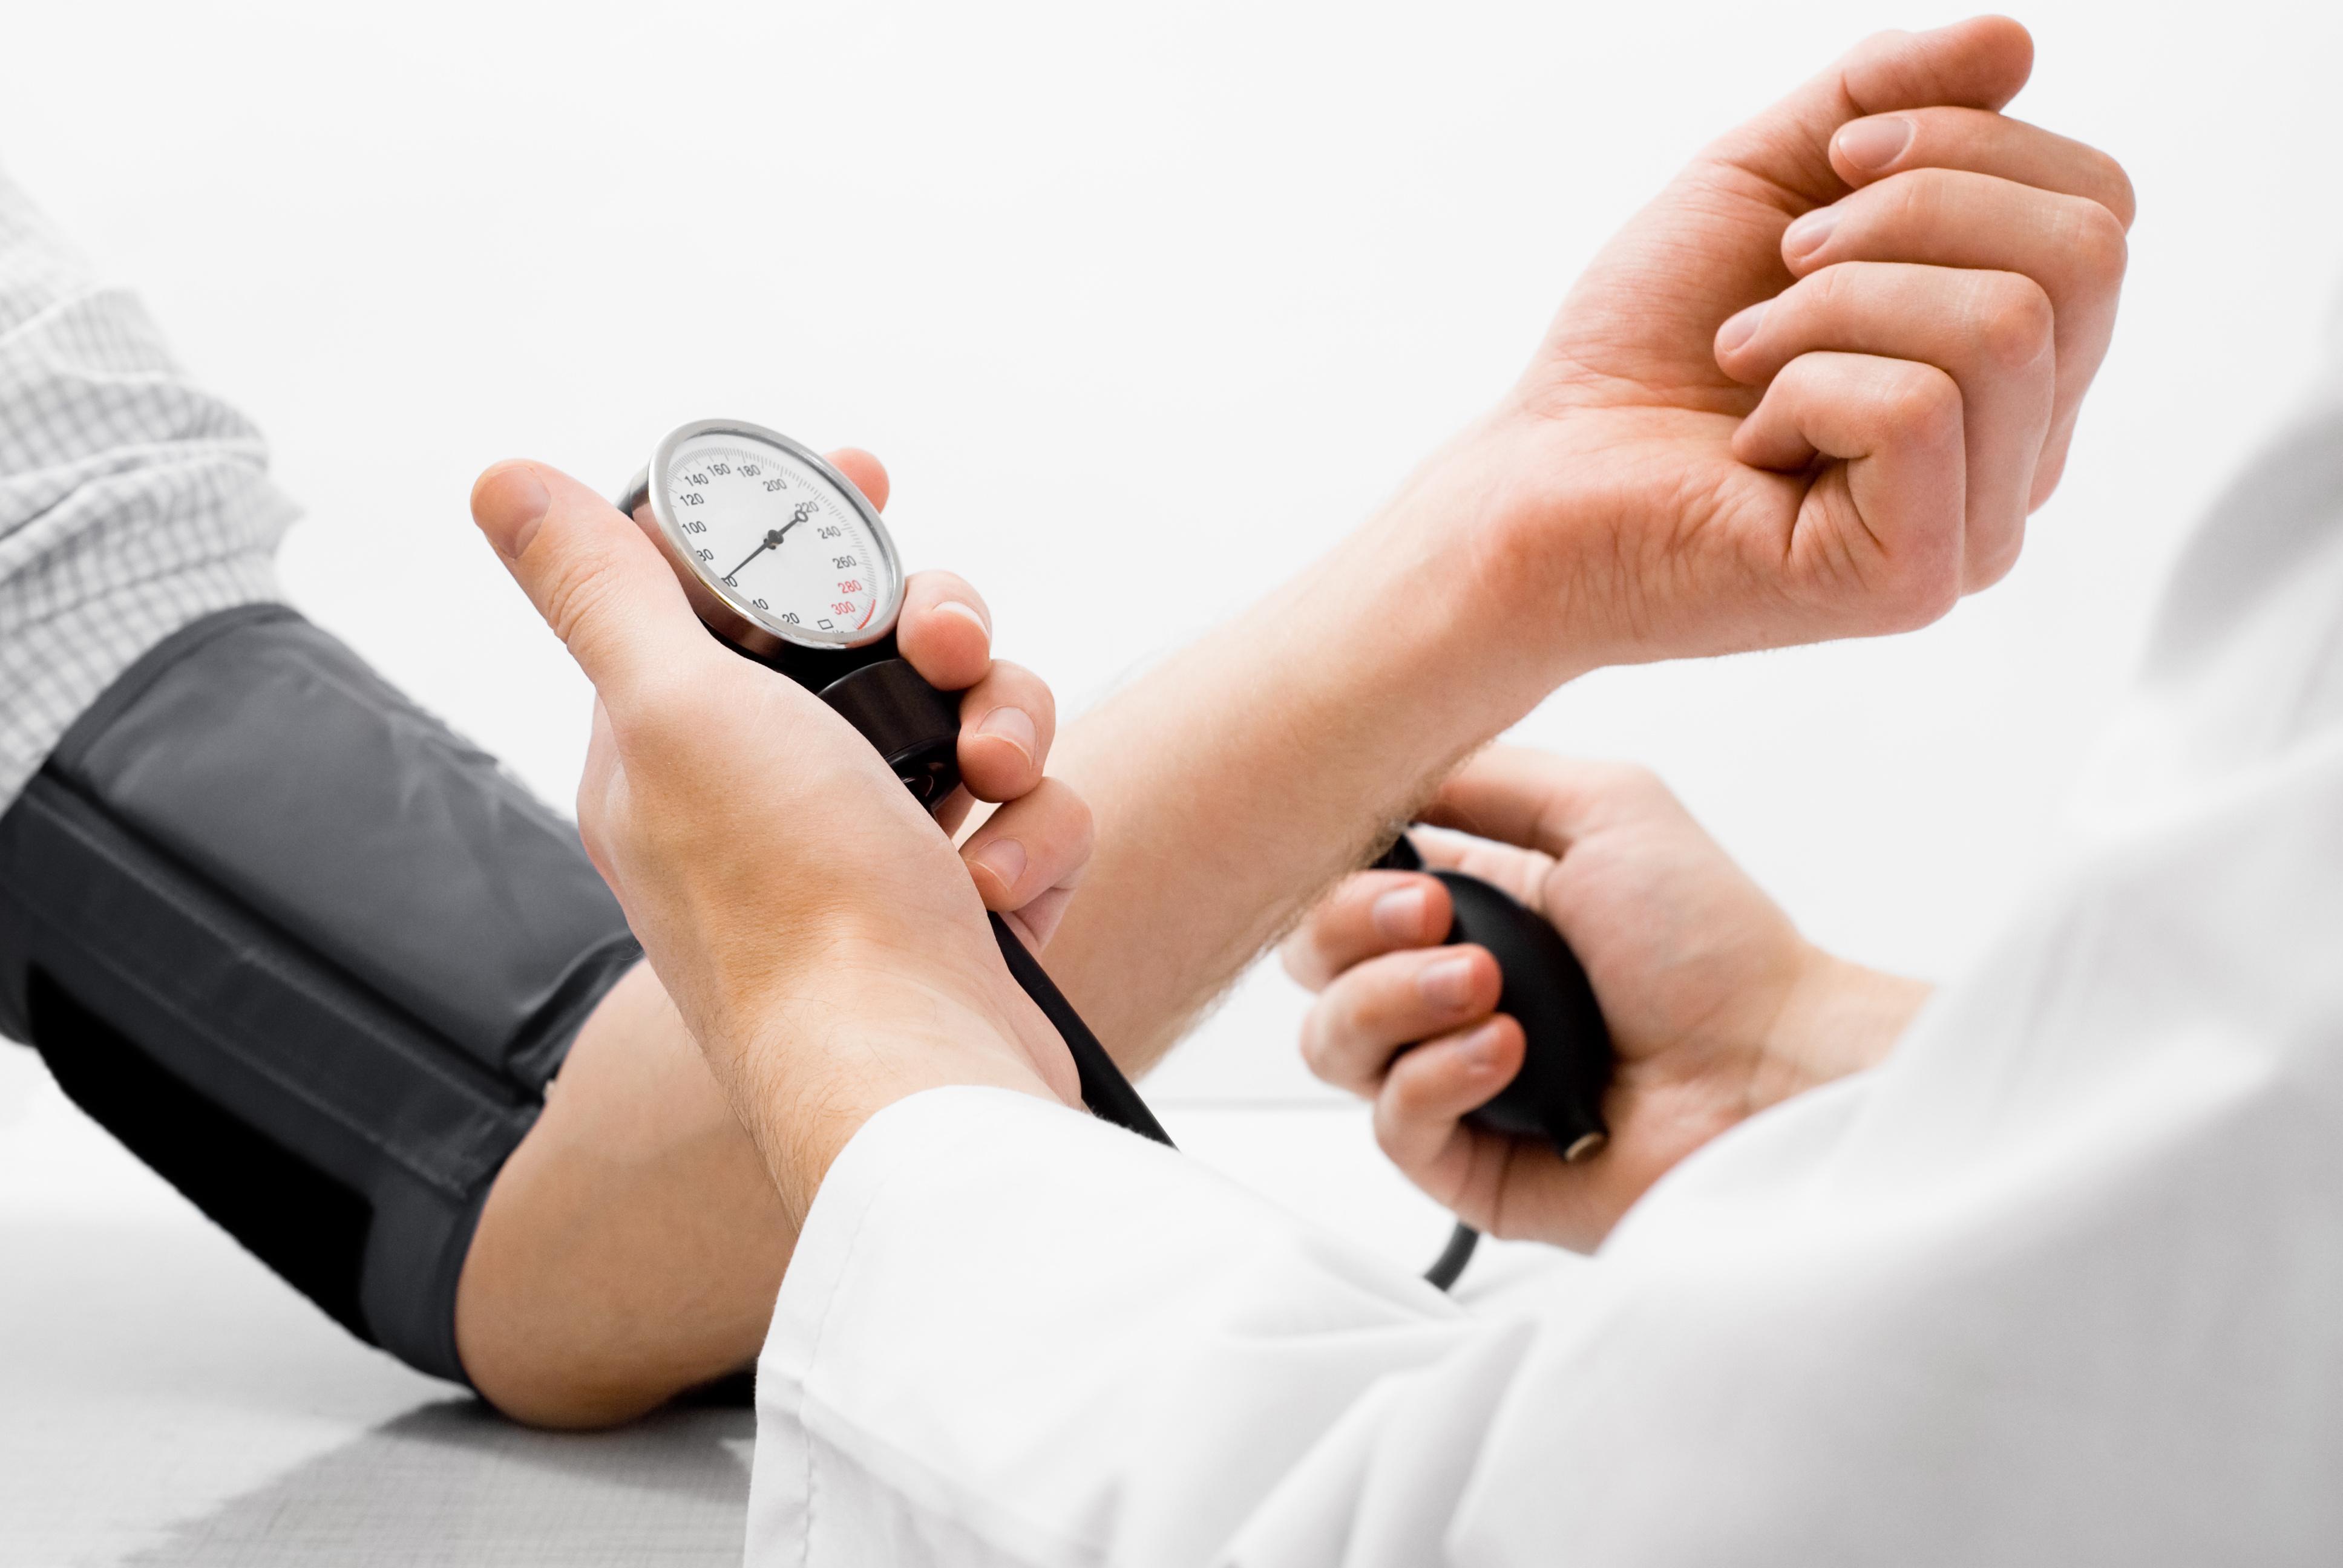 magas vérnyomás 2 és 3 fokozat a magas vérnyomás jóddal történő kezelése naponta